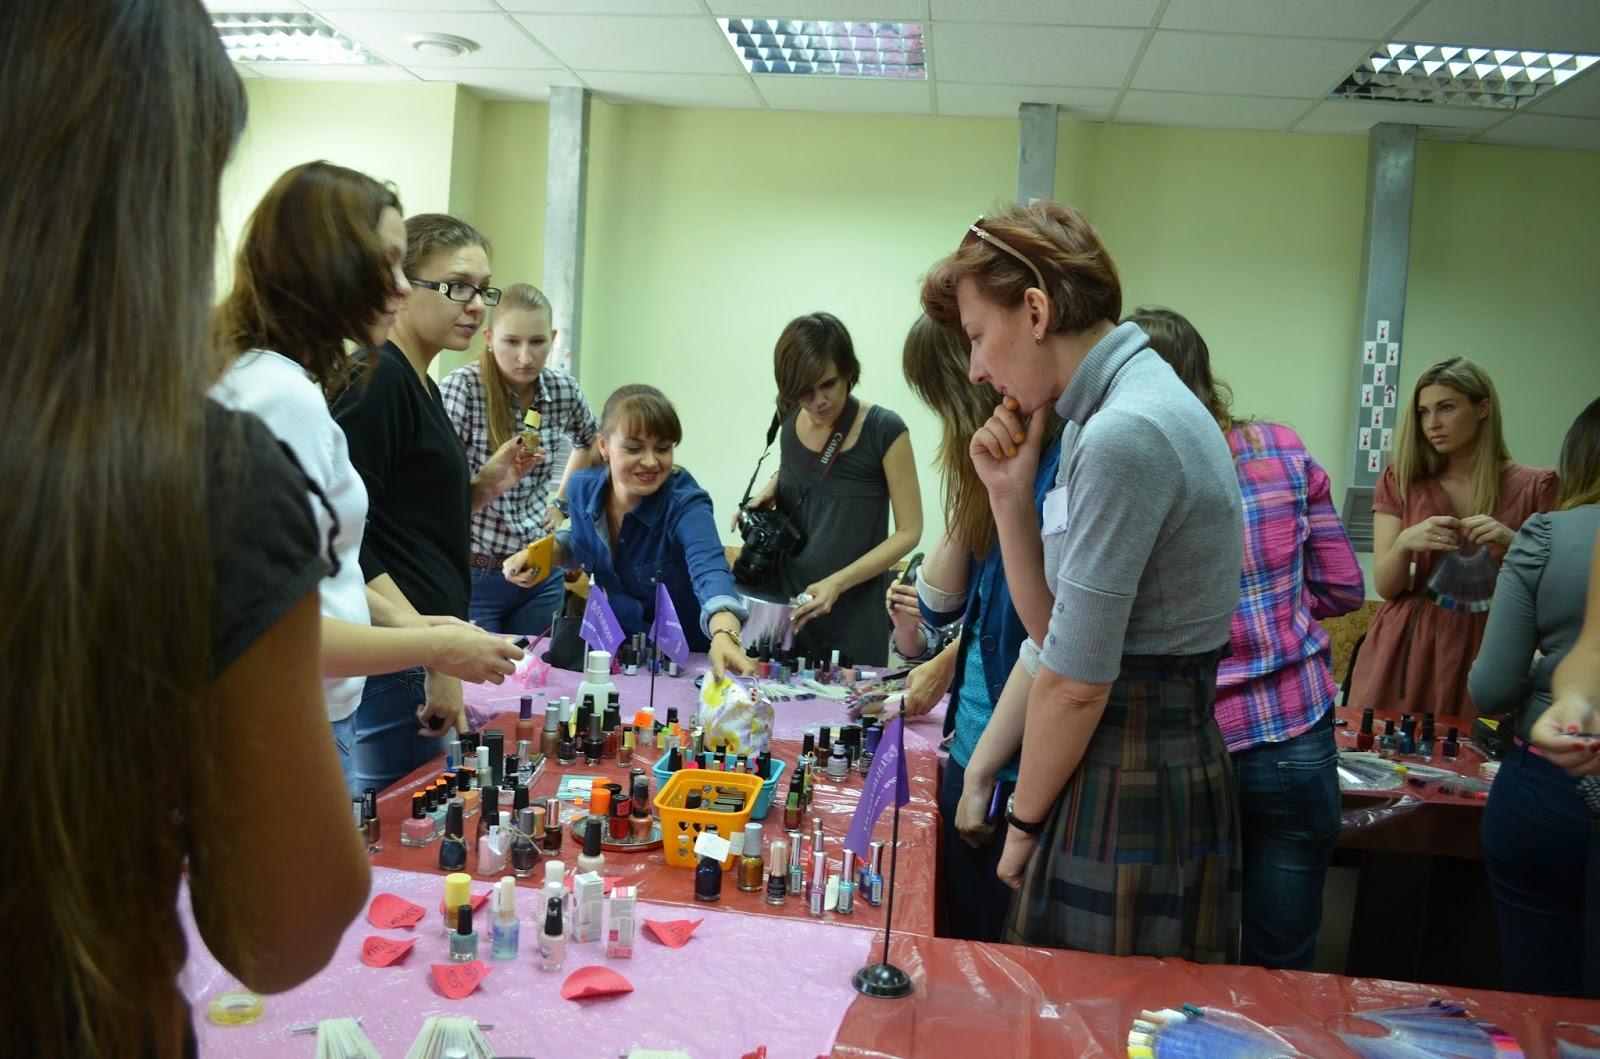 Лаковстреча 06 сентября Киев, отчет